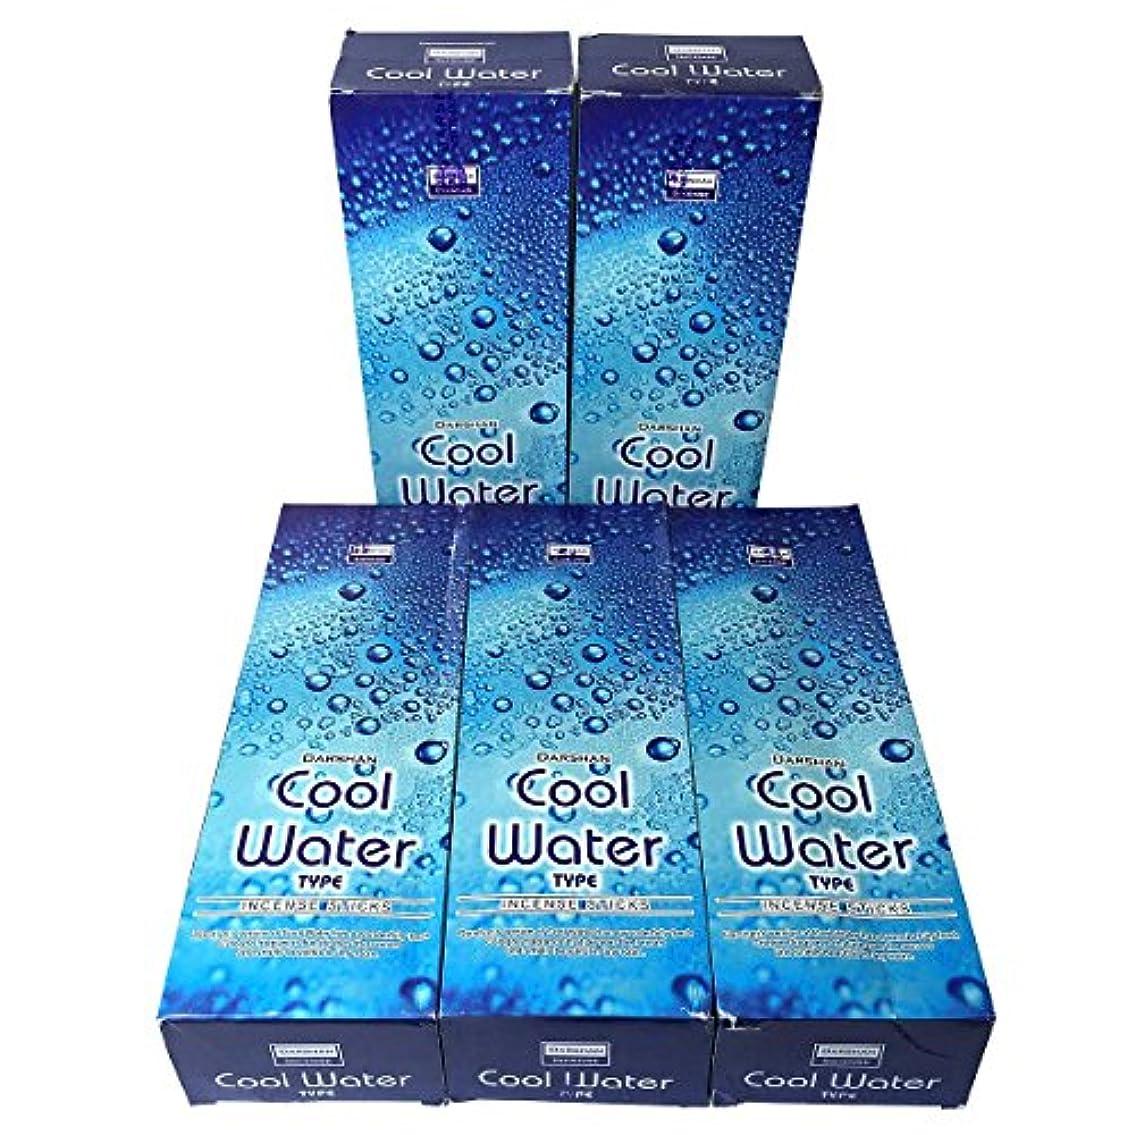 確率告発喉が渇いたクールウォーター香スティック 5BOX(30箱)/DARSHAN COOL WATER/ インド香 / 送料無料 [並行輸入品]